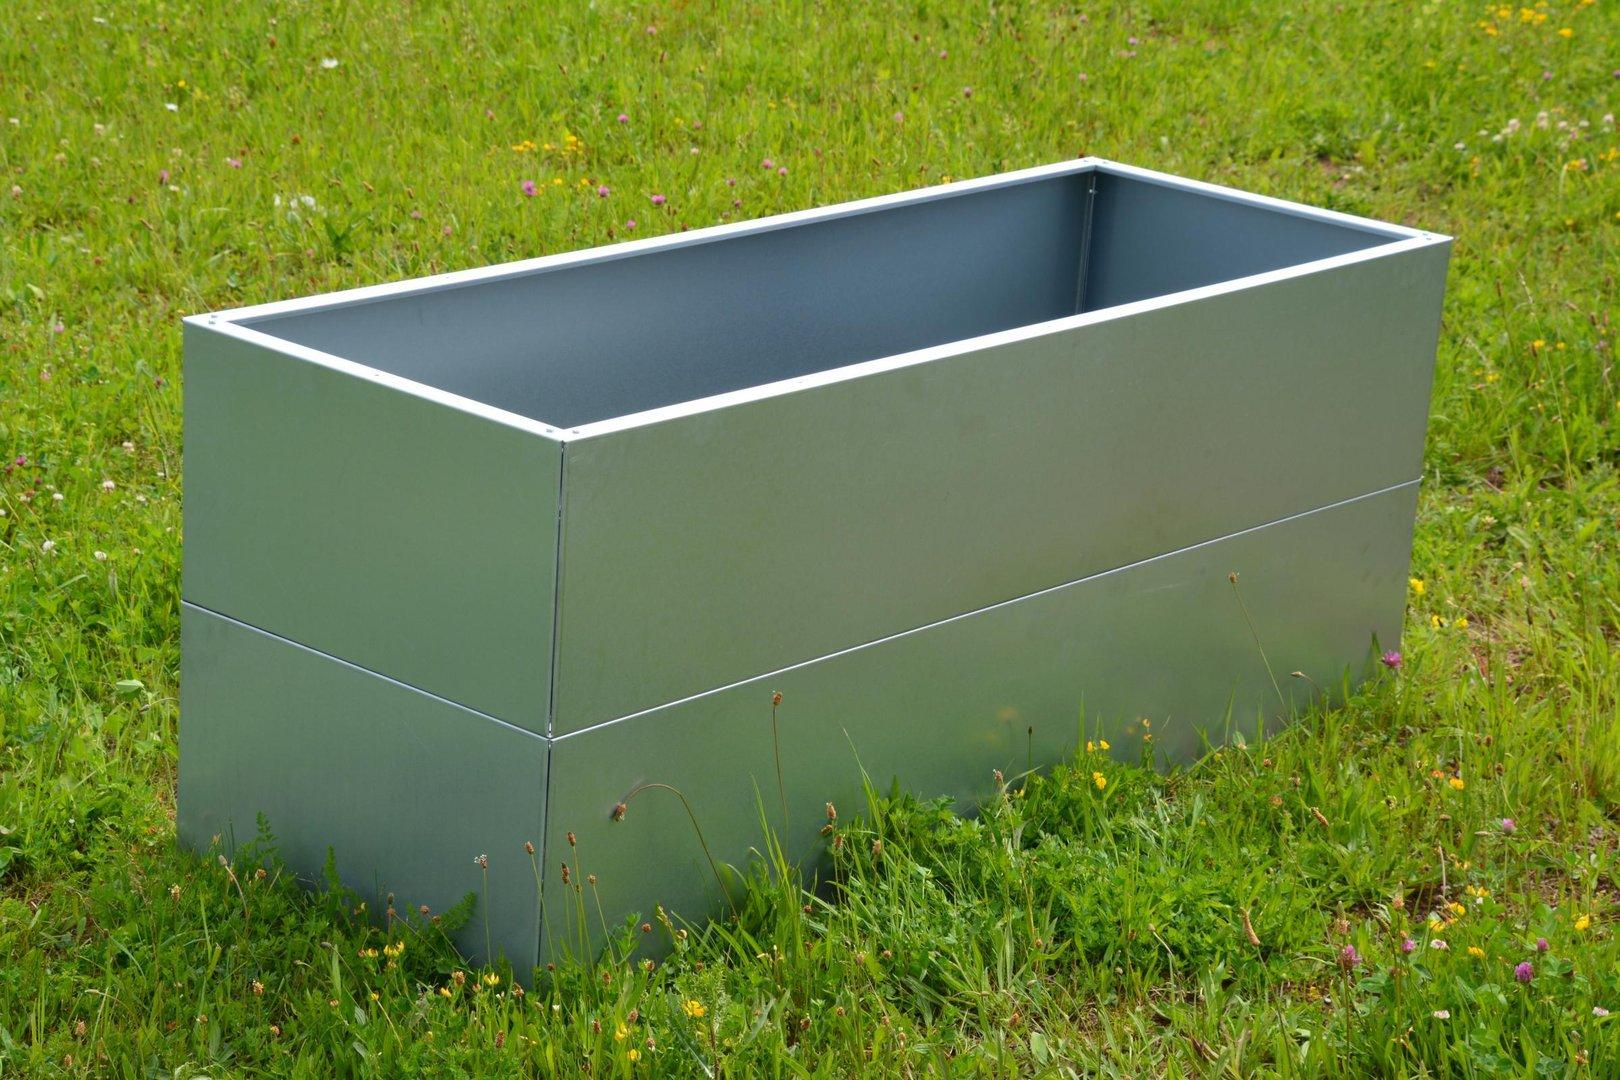 Hochbeet Urban Gardening Metall 0 55 M X 1 1 M X 0 6 M Hoch Verzinkt